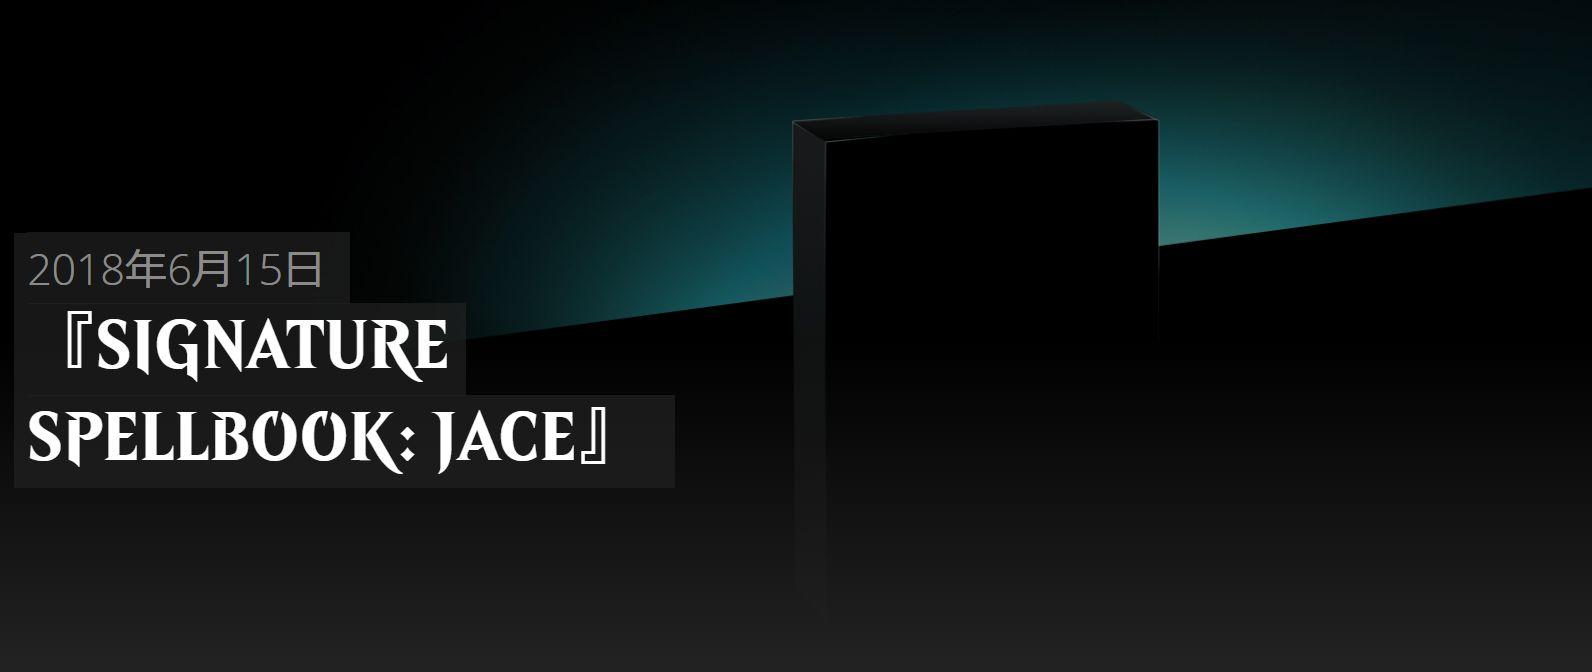 MTG新製品「Signature Spellbook: Jace」が発表!ジェイスに関する呪文9枚が1セットに封入される「From the Vault」系製品!1枚はFOILに!